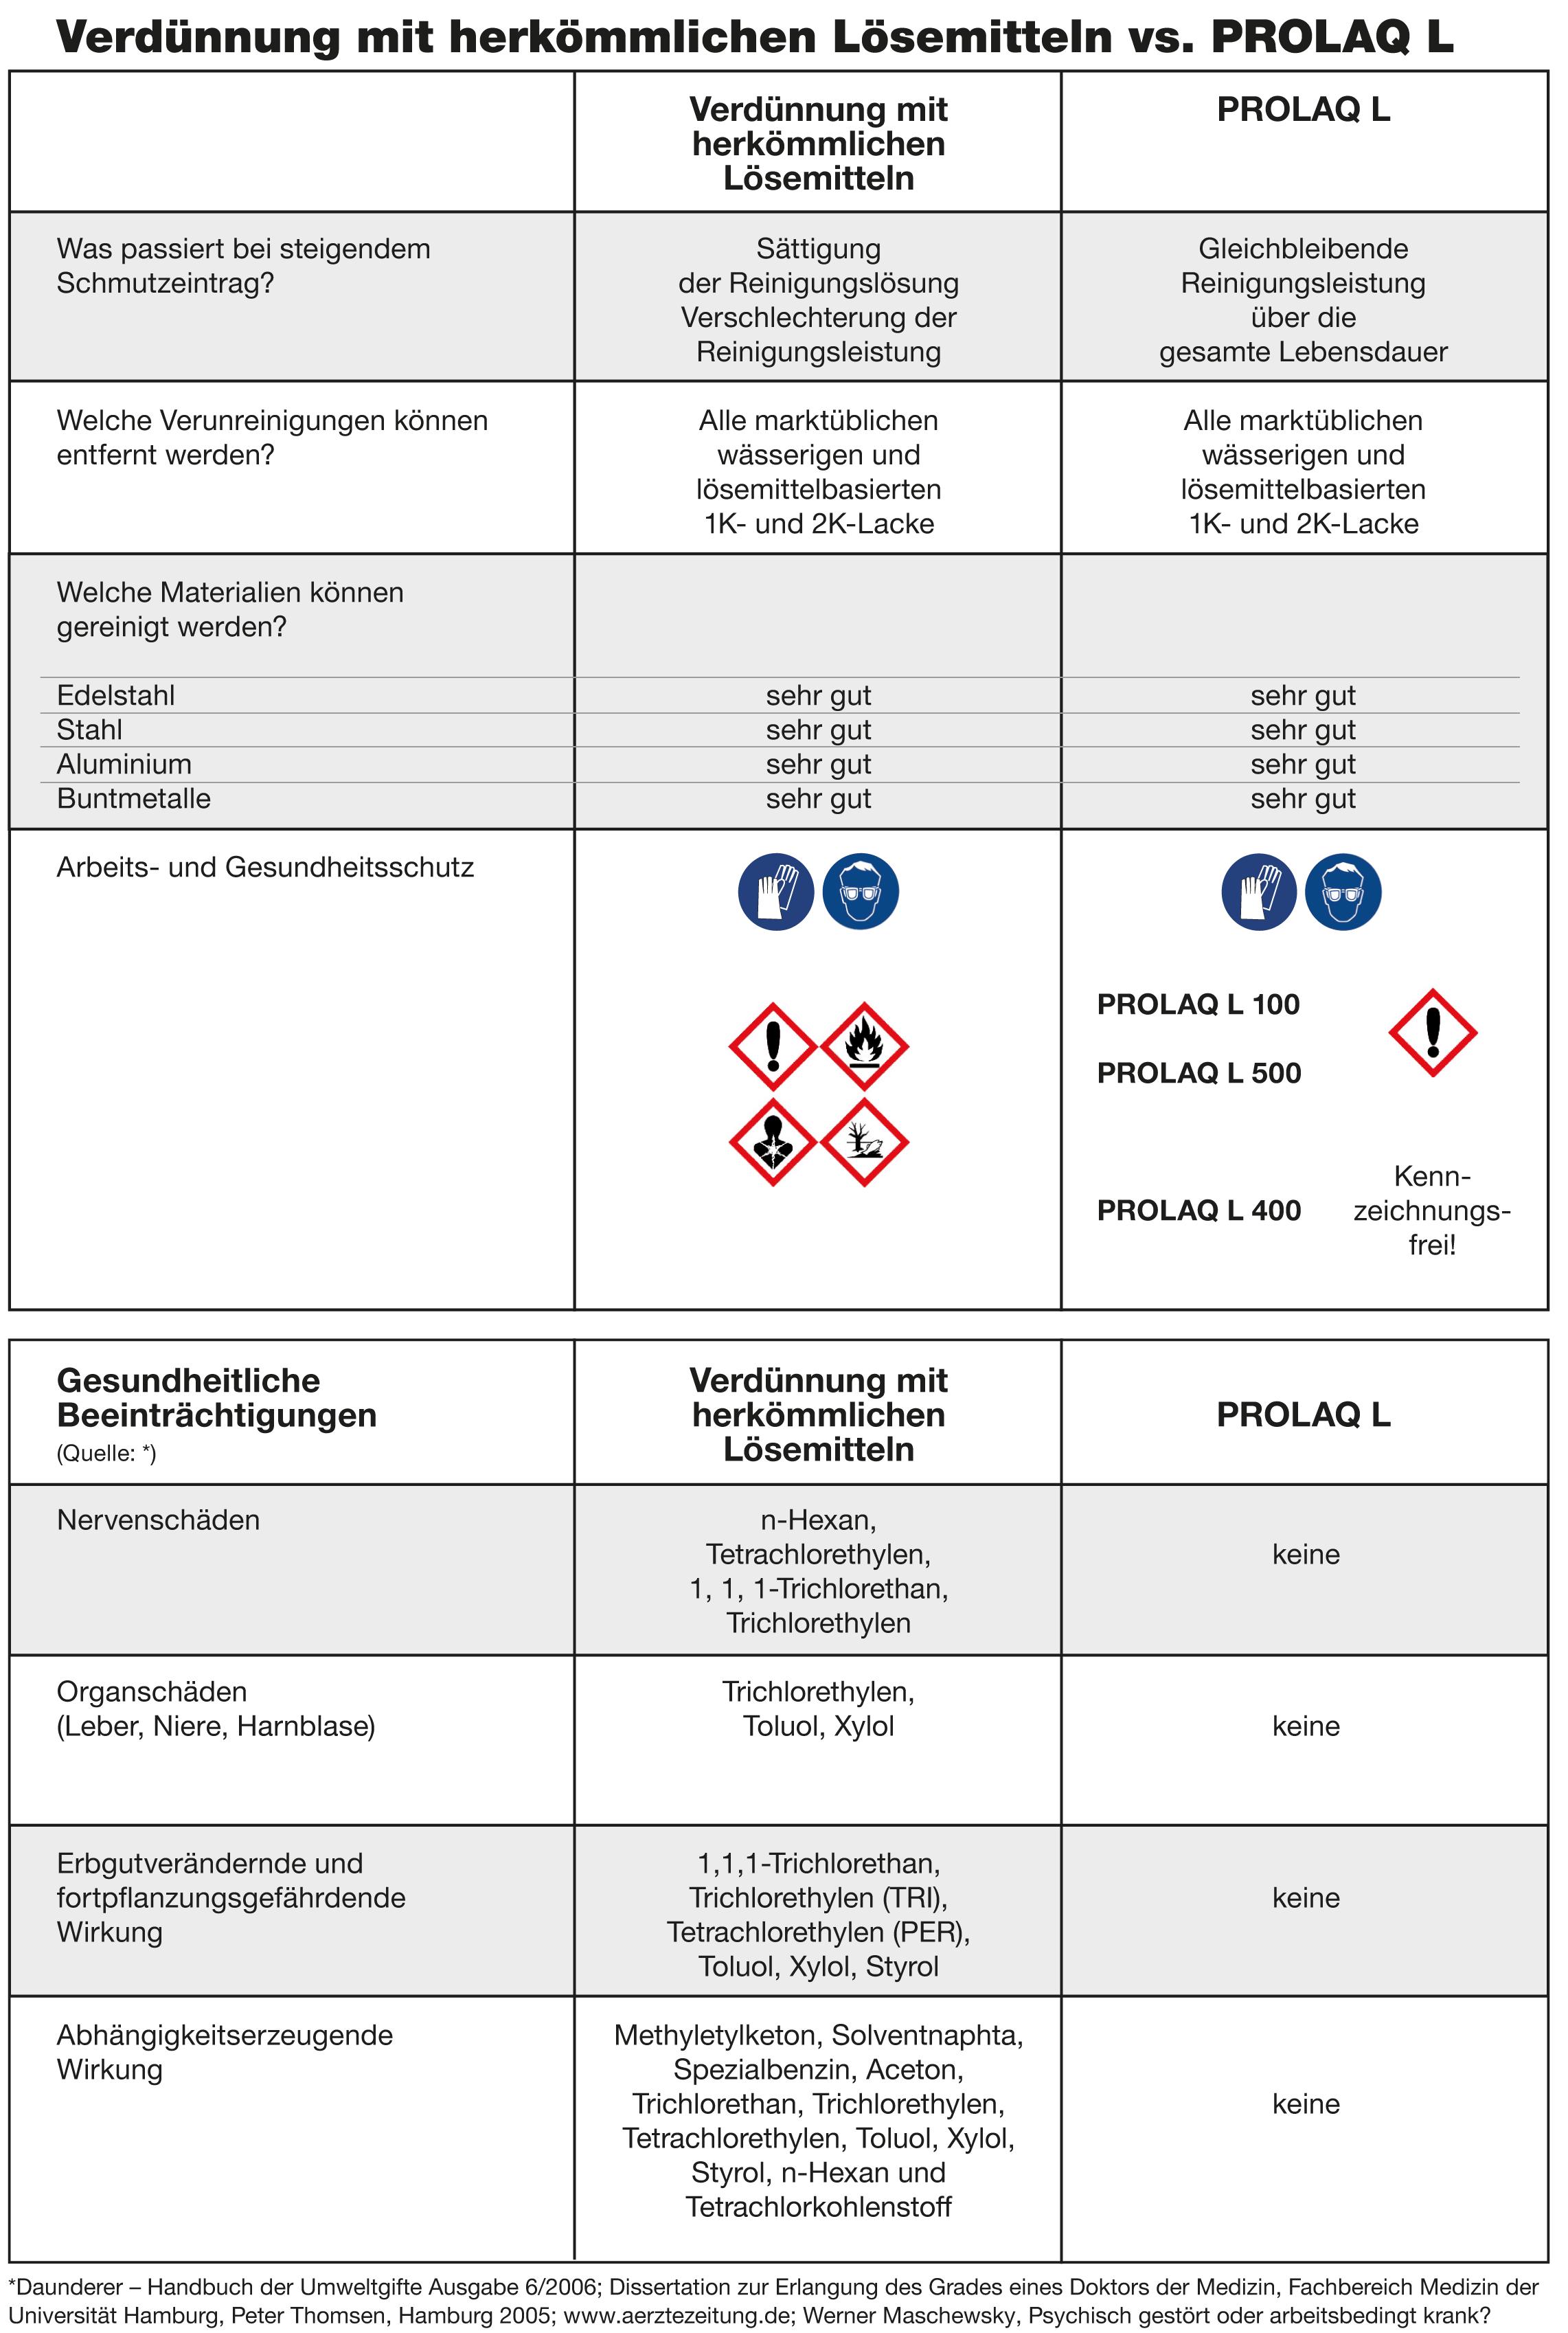 Tabelle-PROLAQ-Reinigungsvergleich